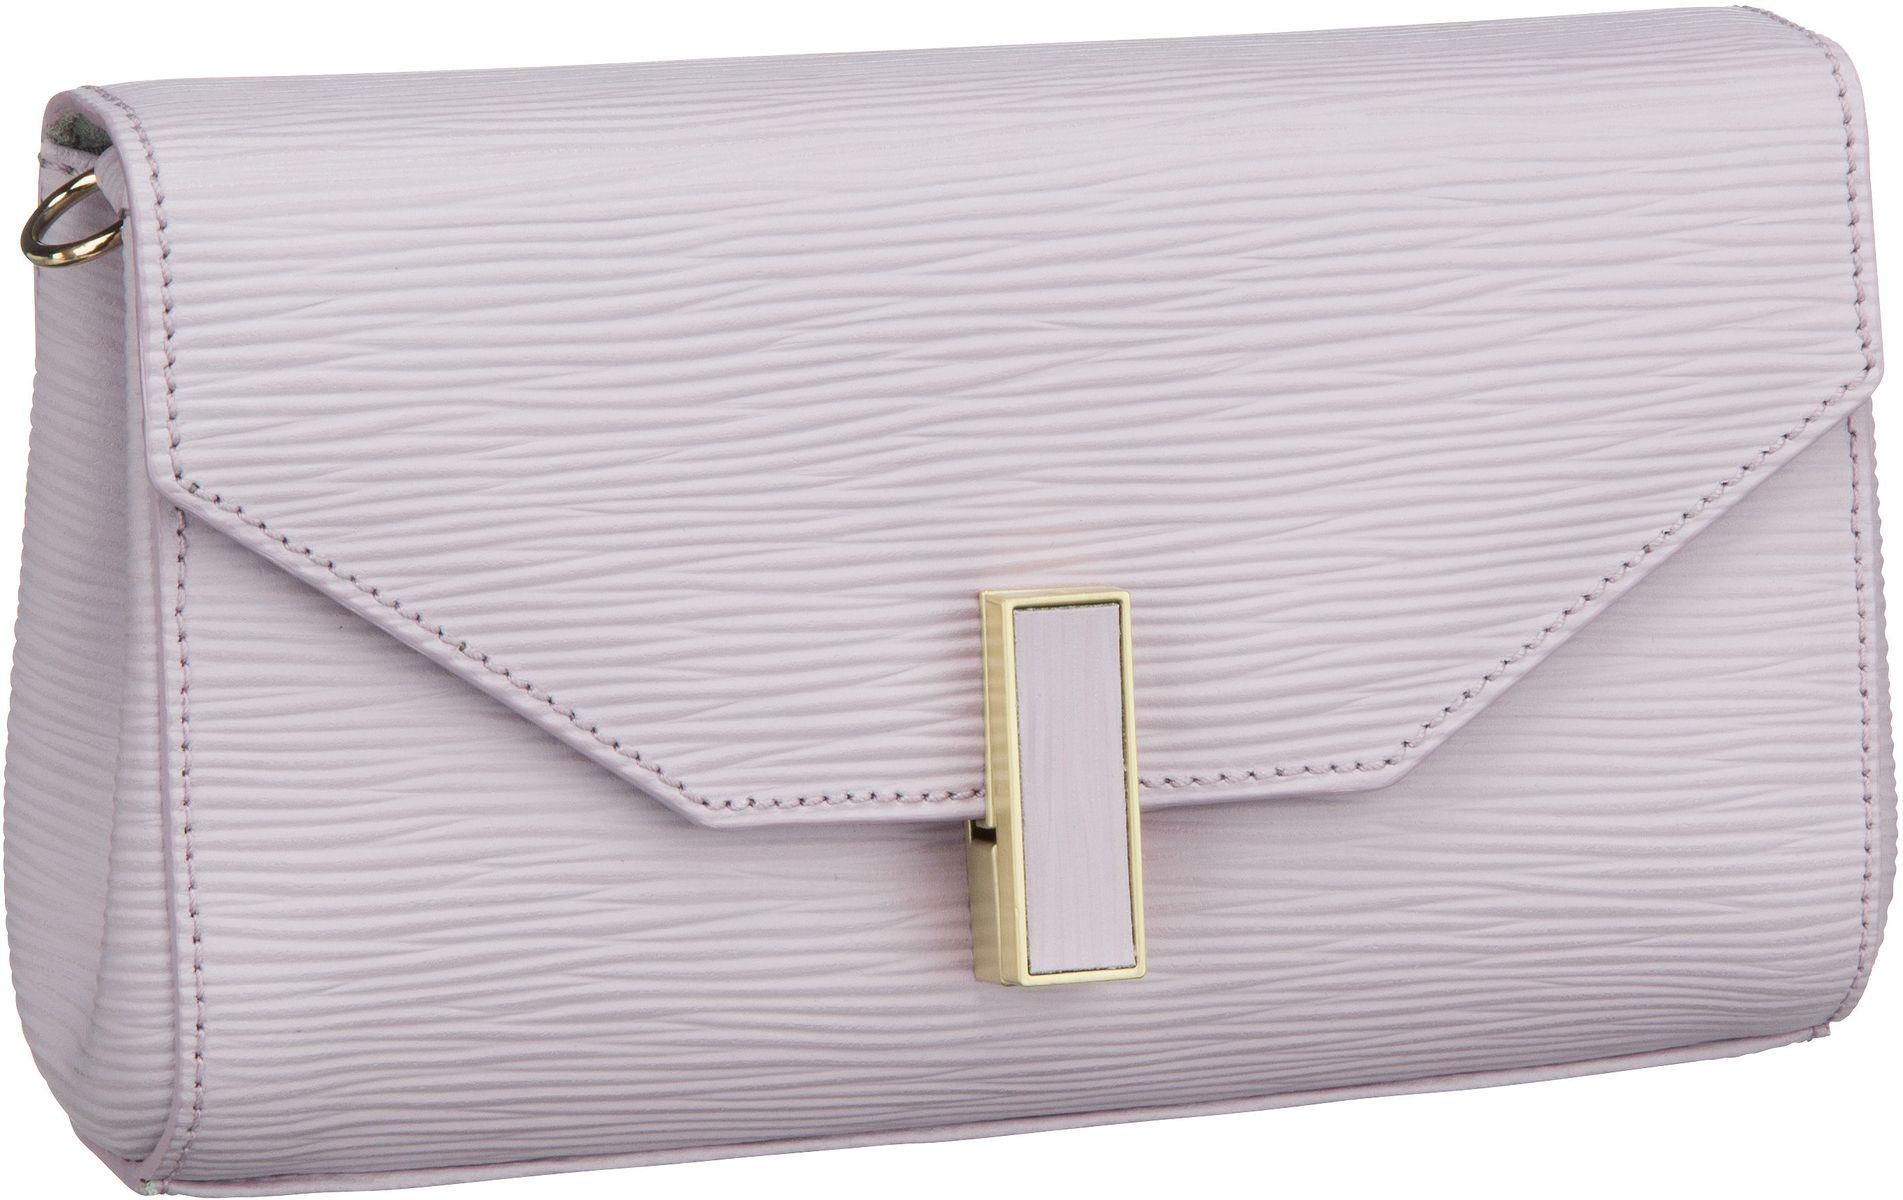 Handtasche Vanity 4835 Lavender